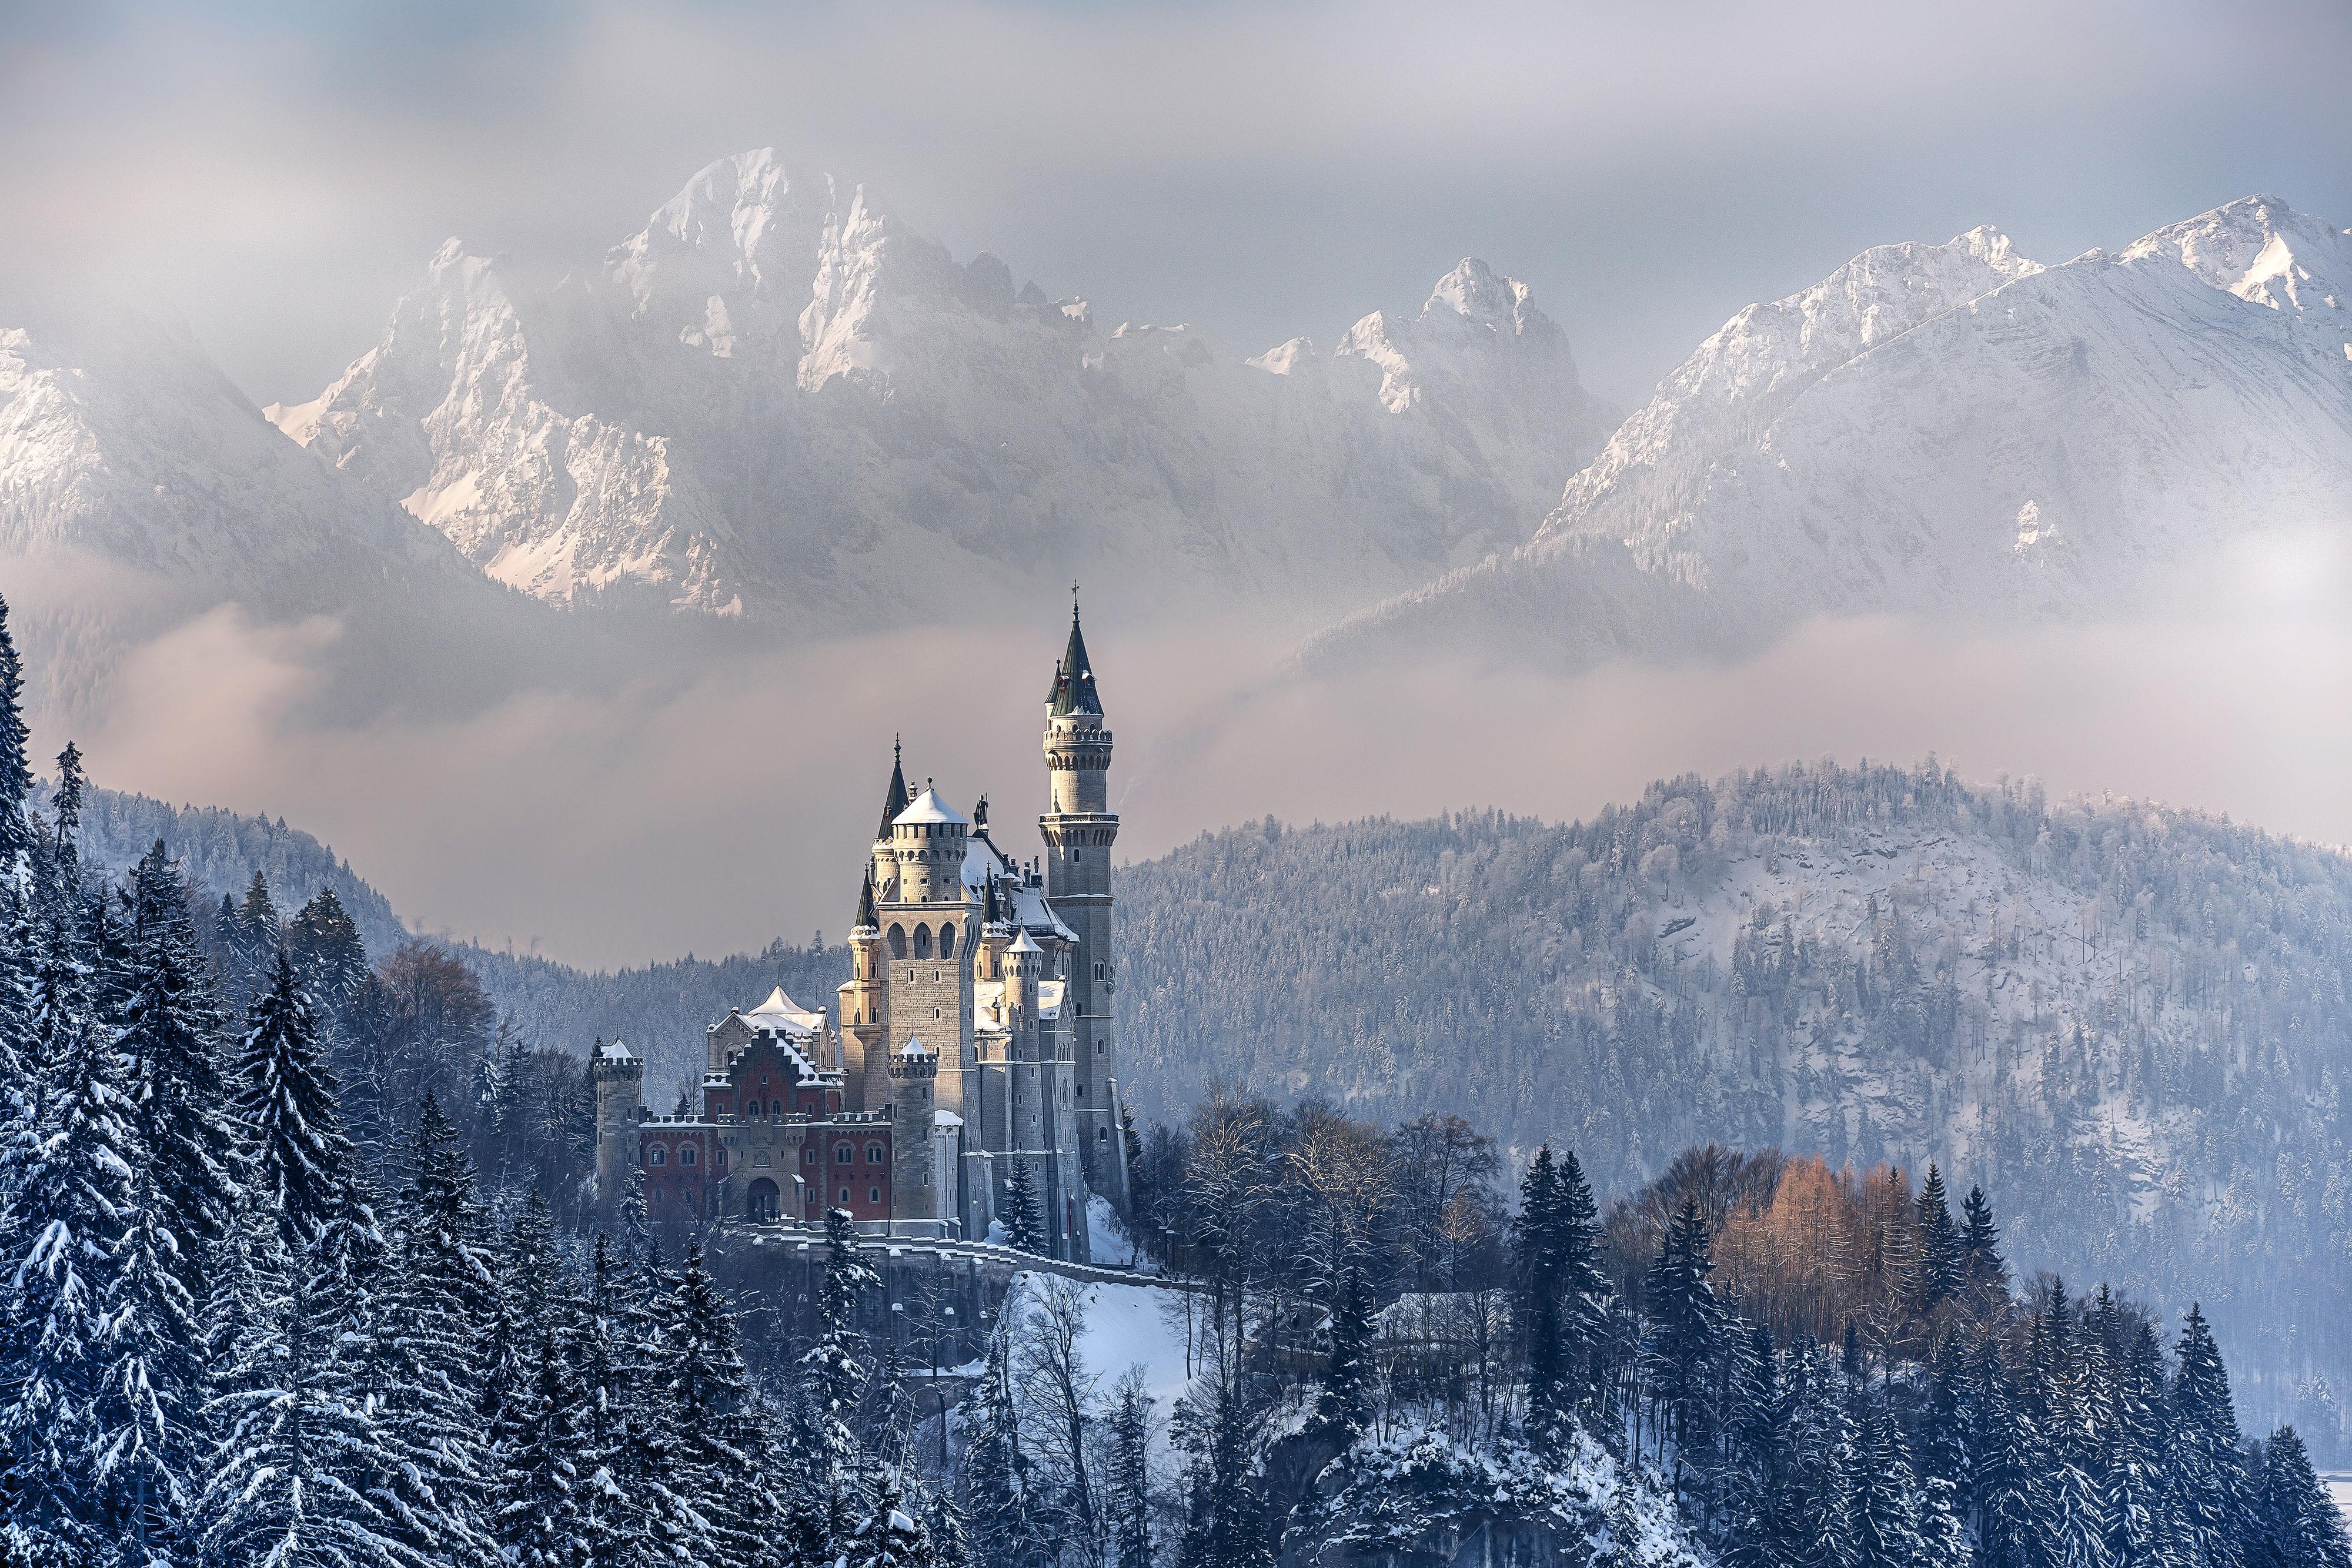 romantic destination neuschwanstein castle germany